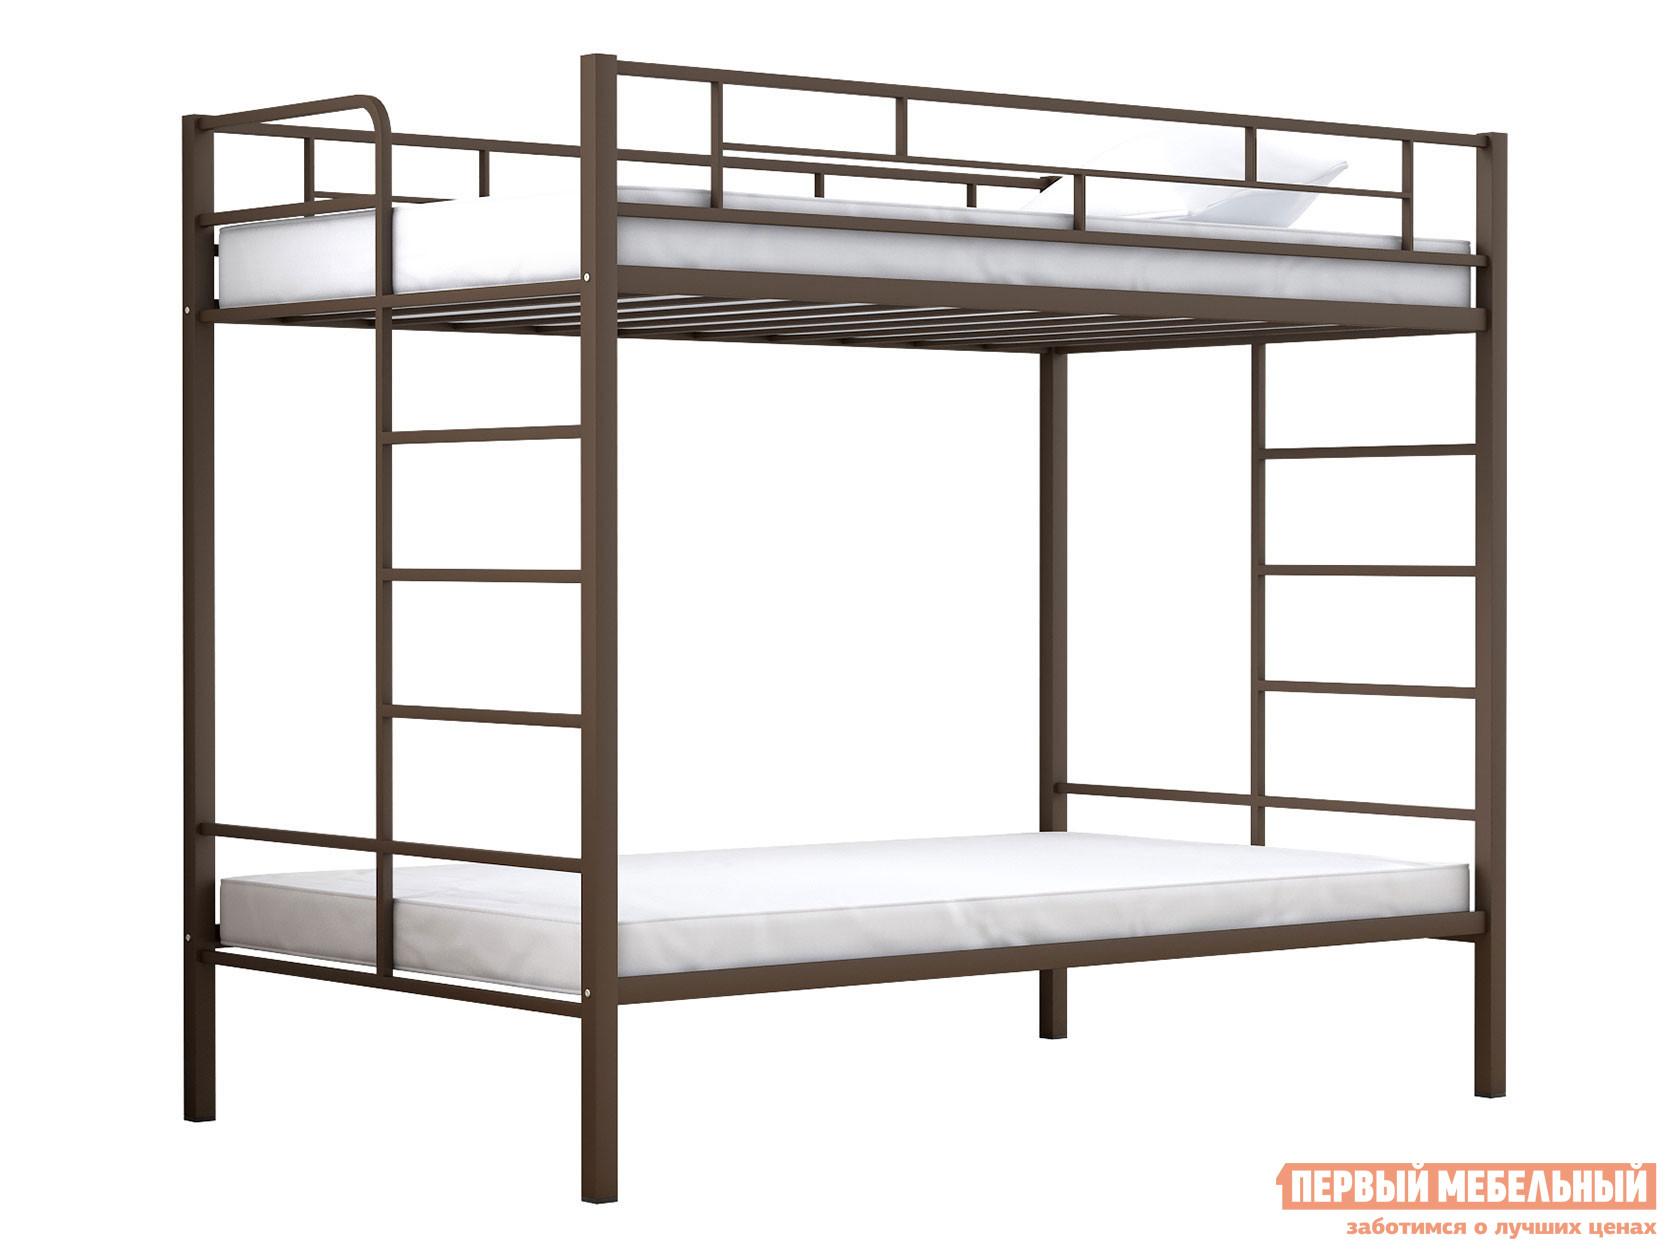 Двухъярусная кровать для детей с бортиками МФ 4 Сезона Валенсия 120 Твист